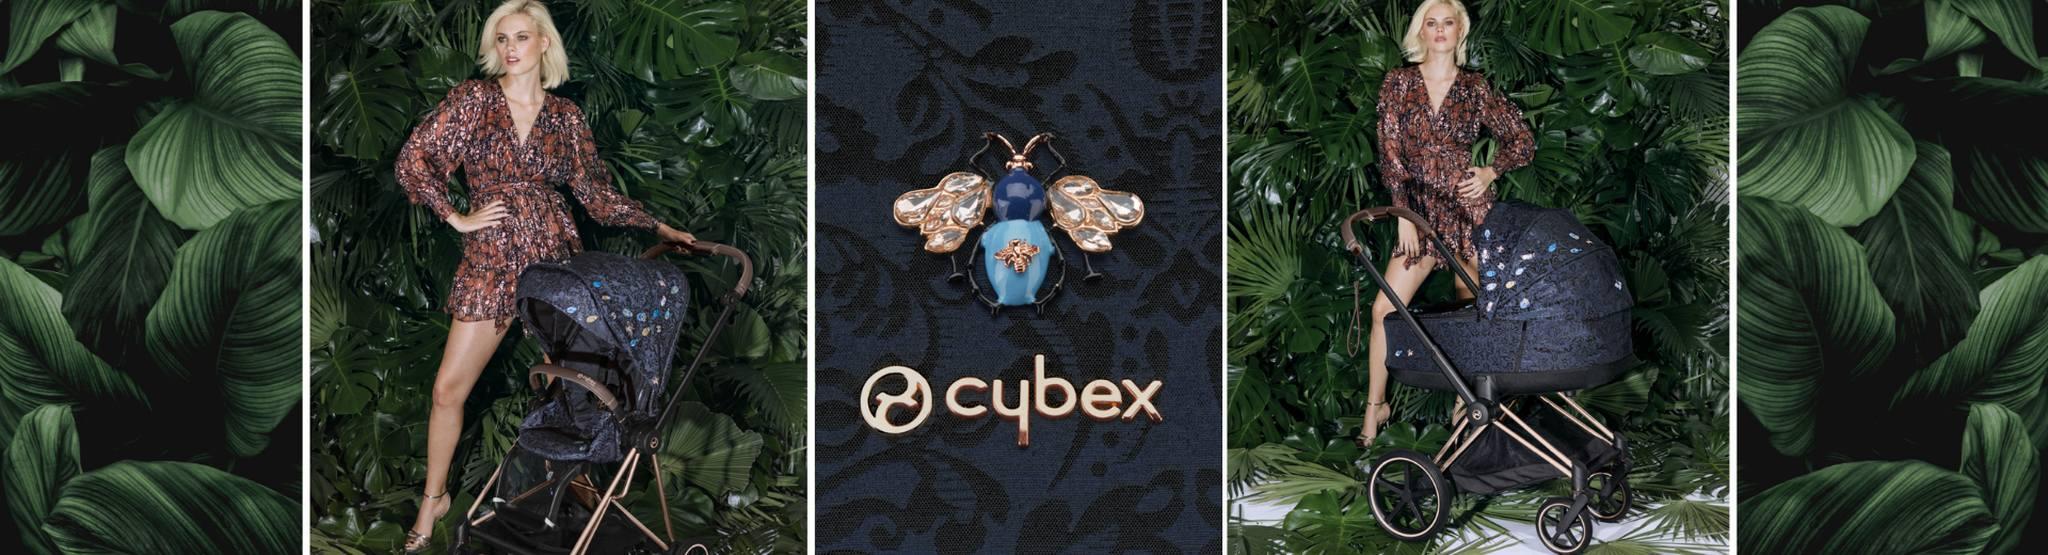 Banner Cybex_Easy-Resize.com (1)